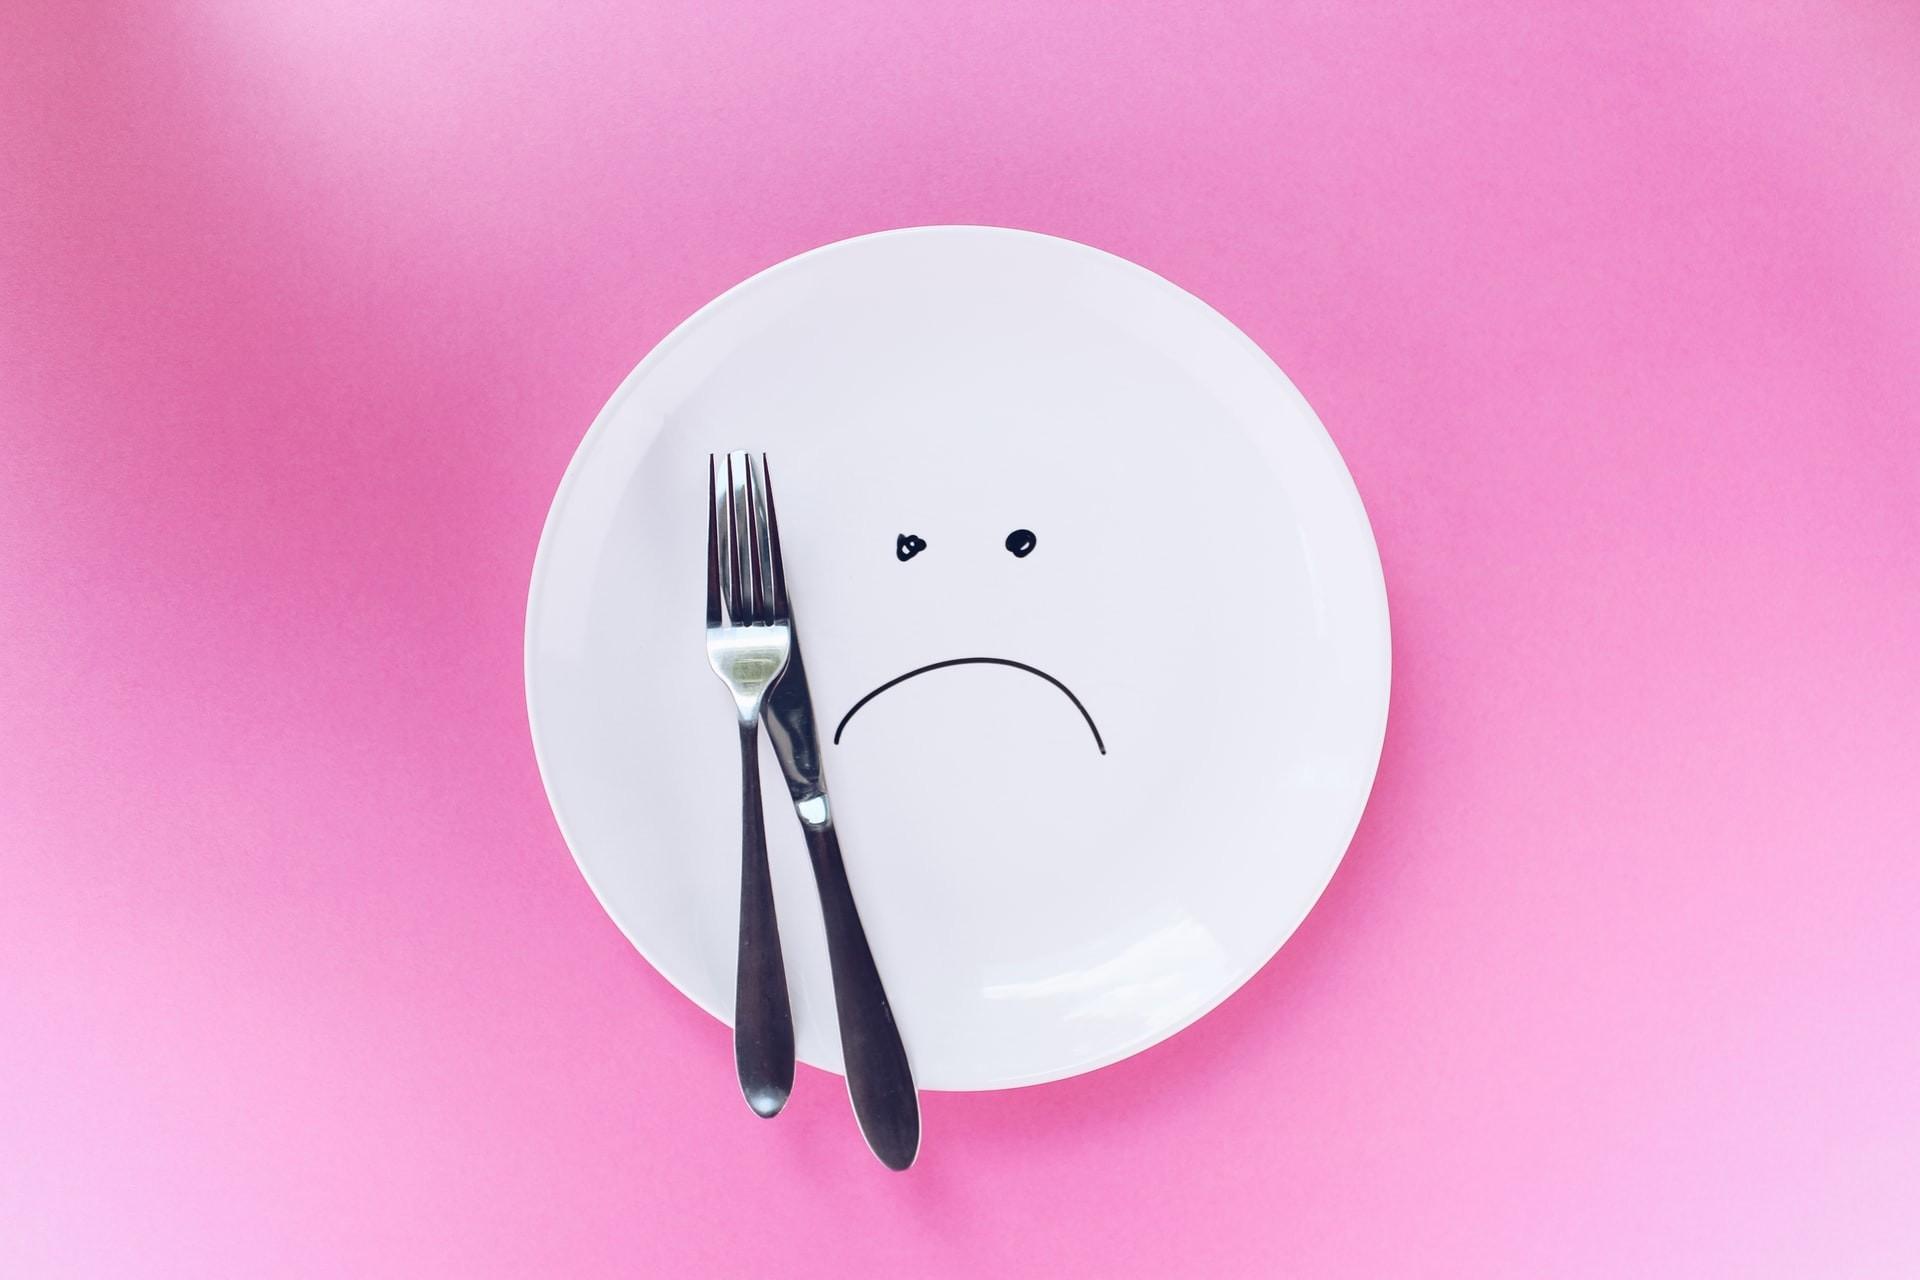 Por falta de renda, 13% das crianças brasileiras deixaram de comer na pandemia (Foto: Thought Catalog/Unsplash)